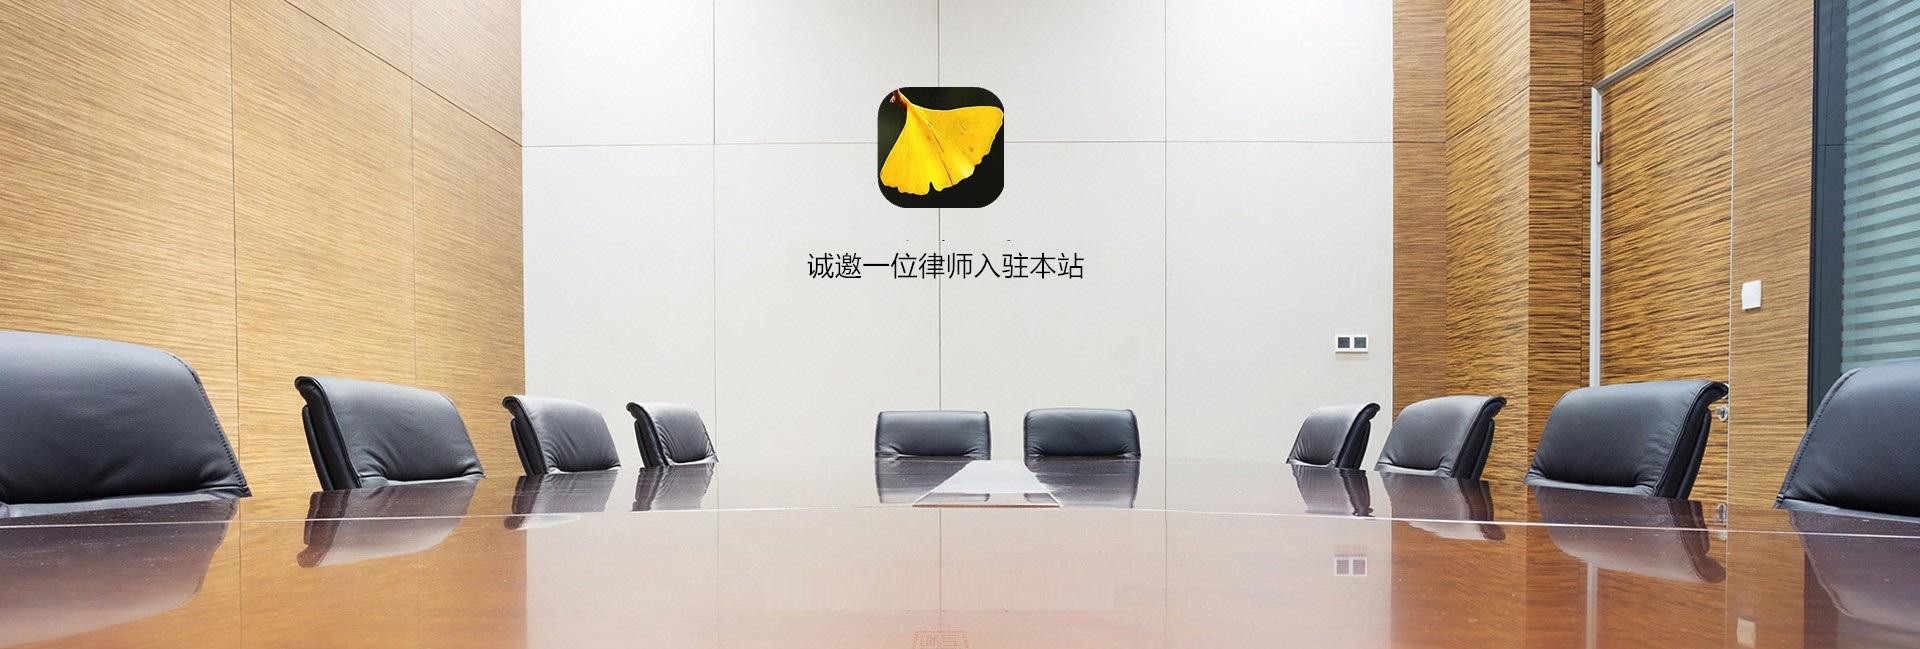 上海奉贤律师大图一